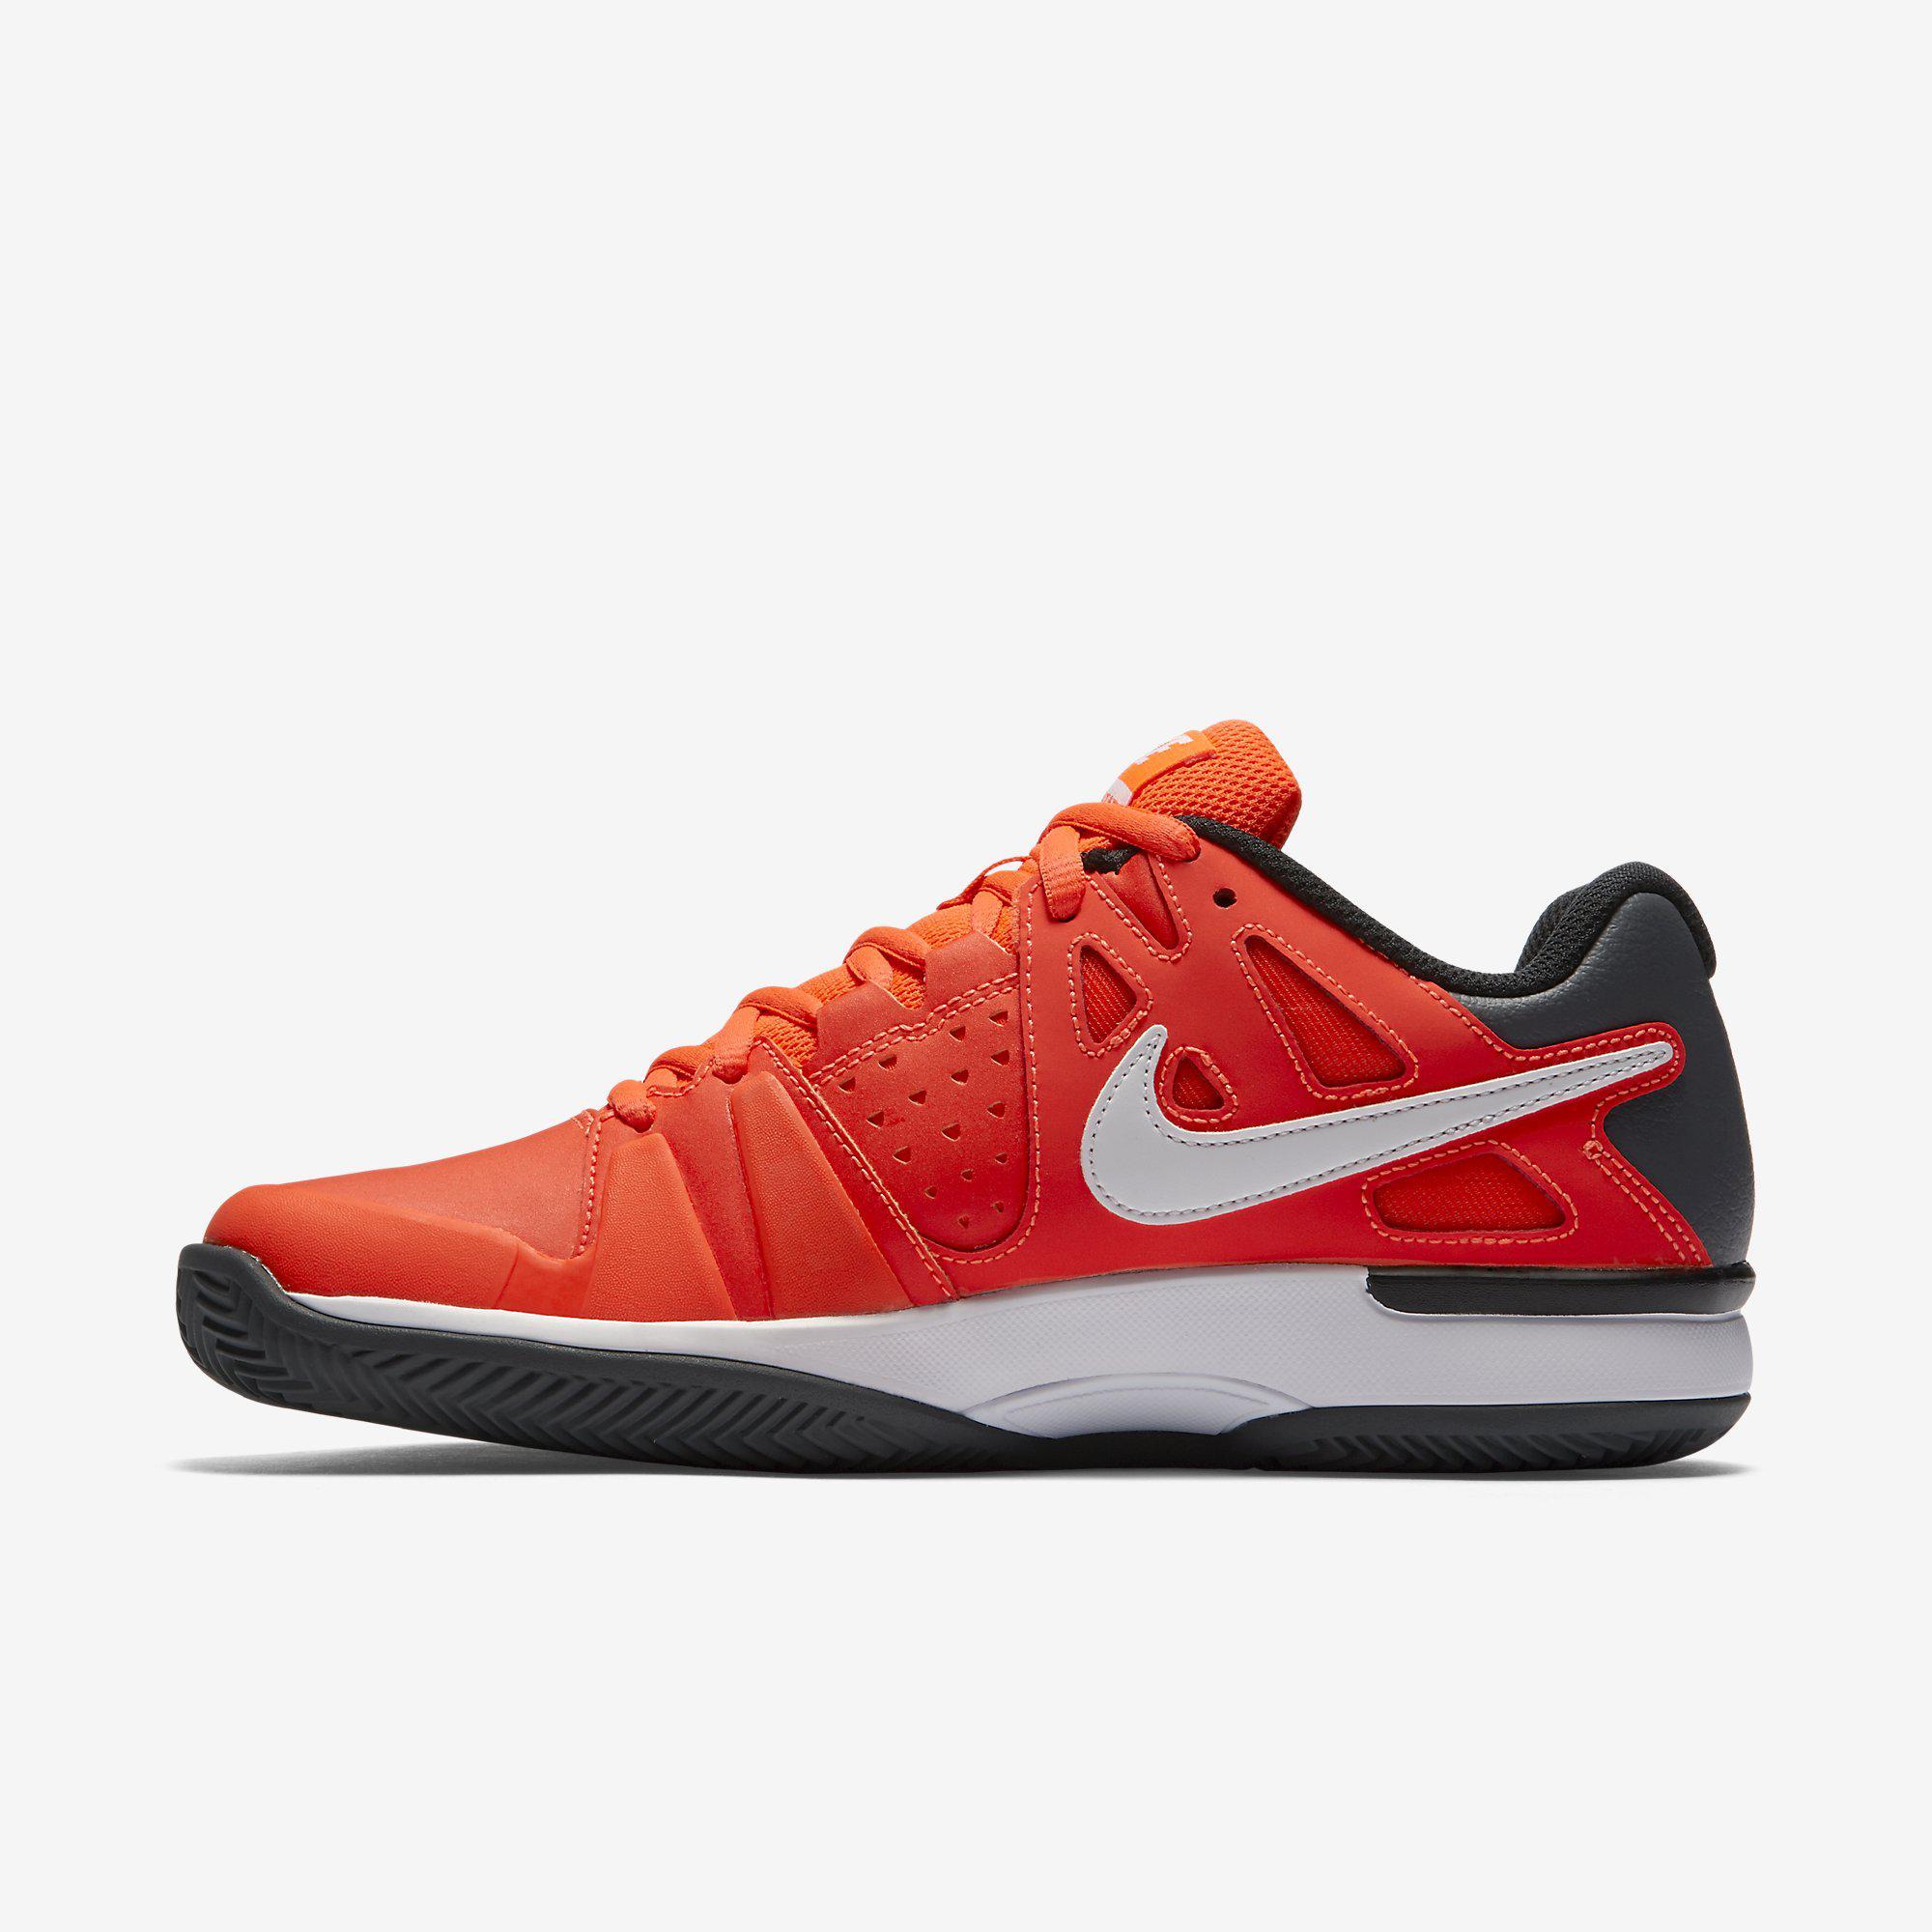 Nike Mens Air Vapor Advantage Clay Court Tennis Shoes - Red Black ... 9ed1f904e